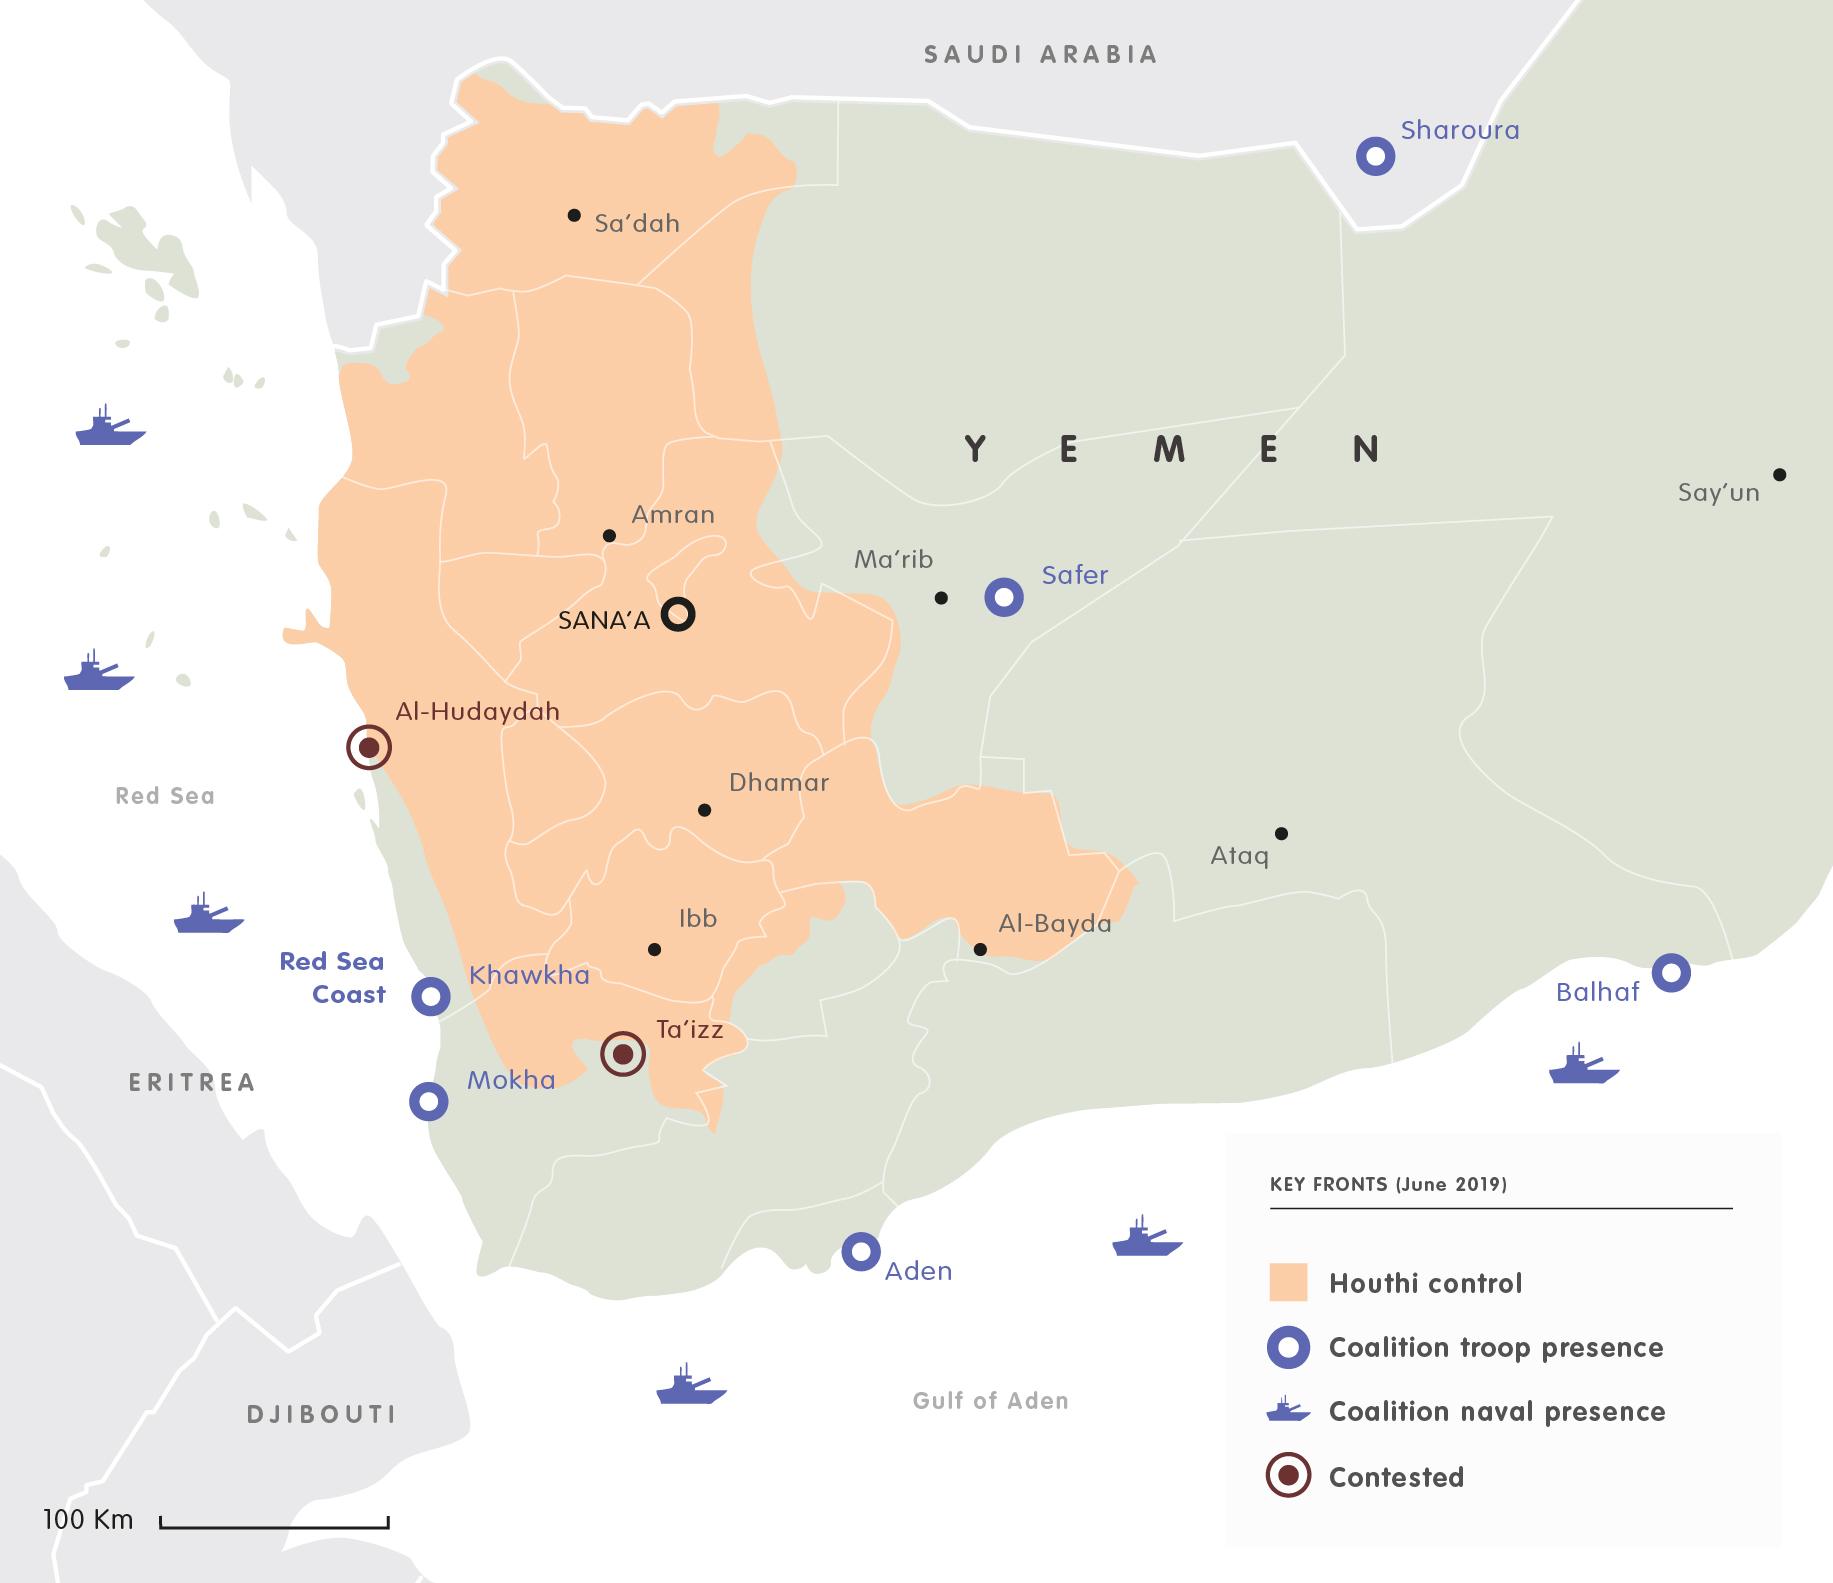 Yemen keyfronts 2019